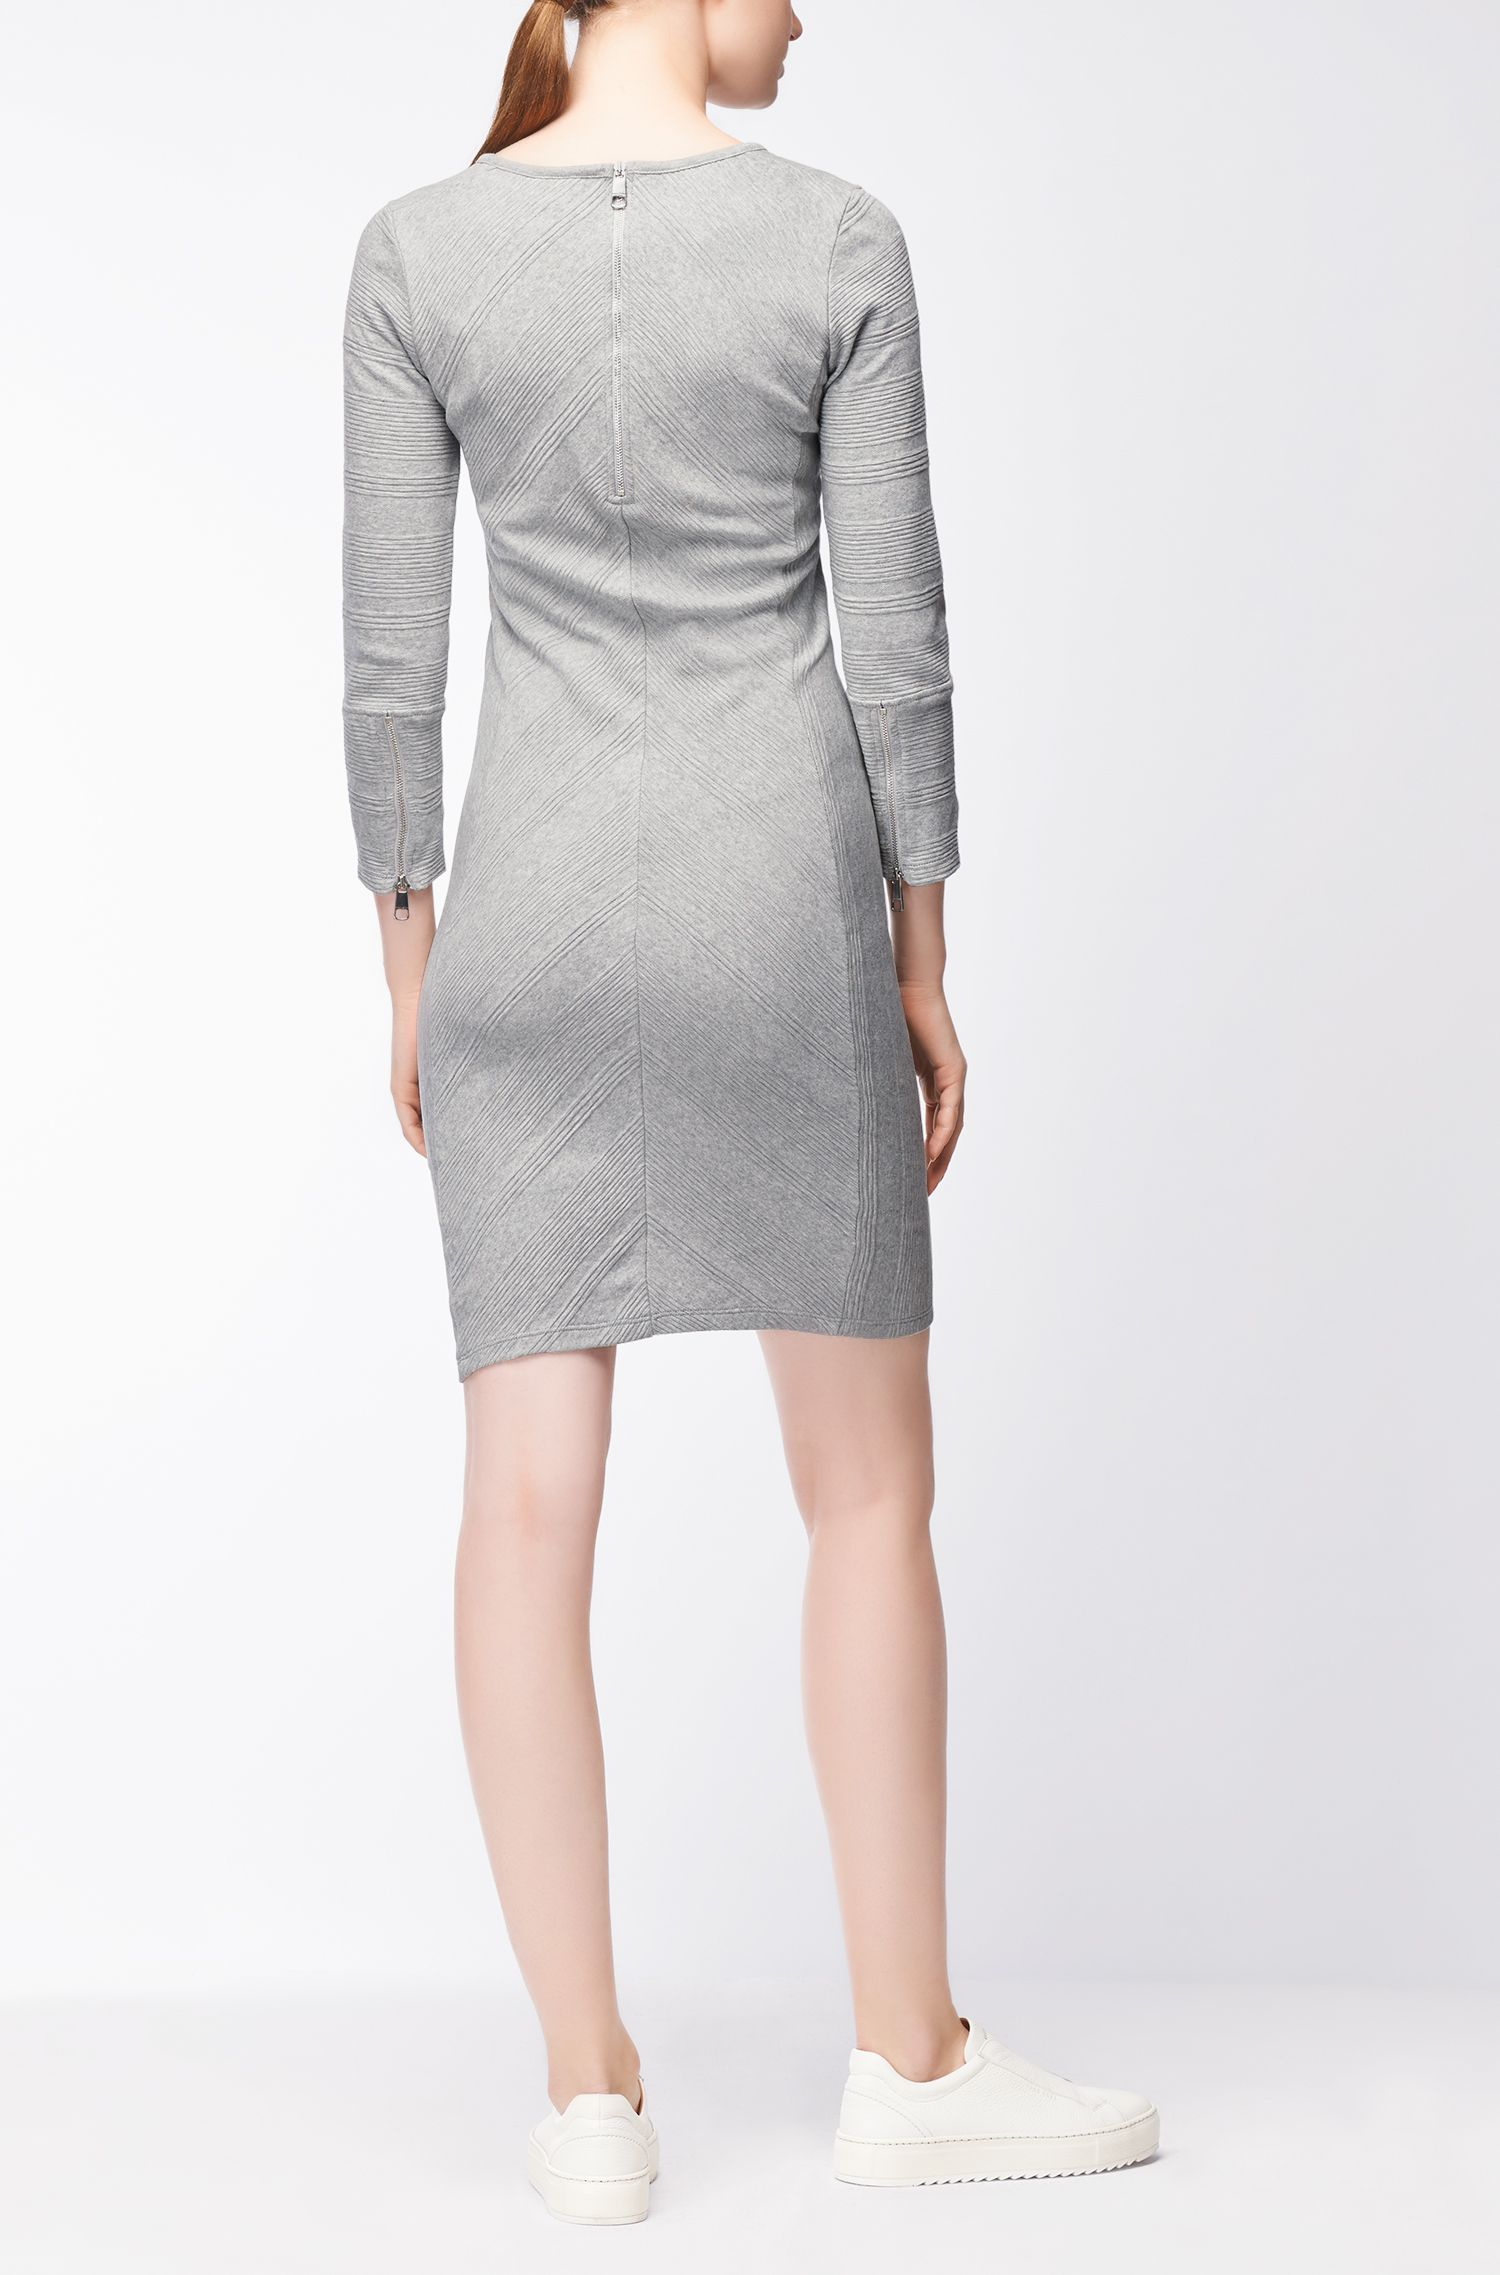 Nauwsluitende jurk van katoen met chevronstrepen in 3D